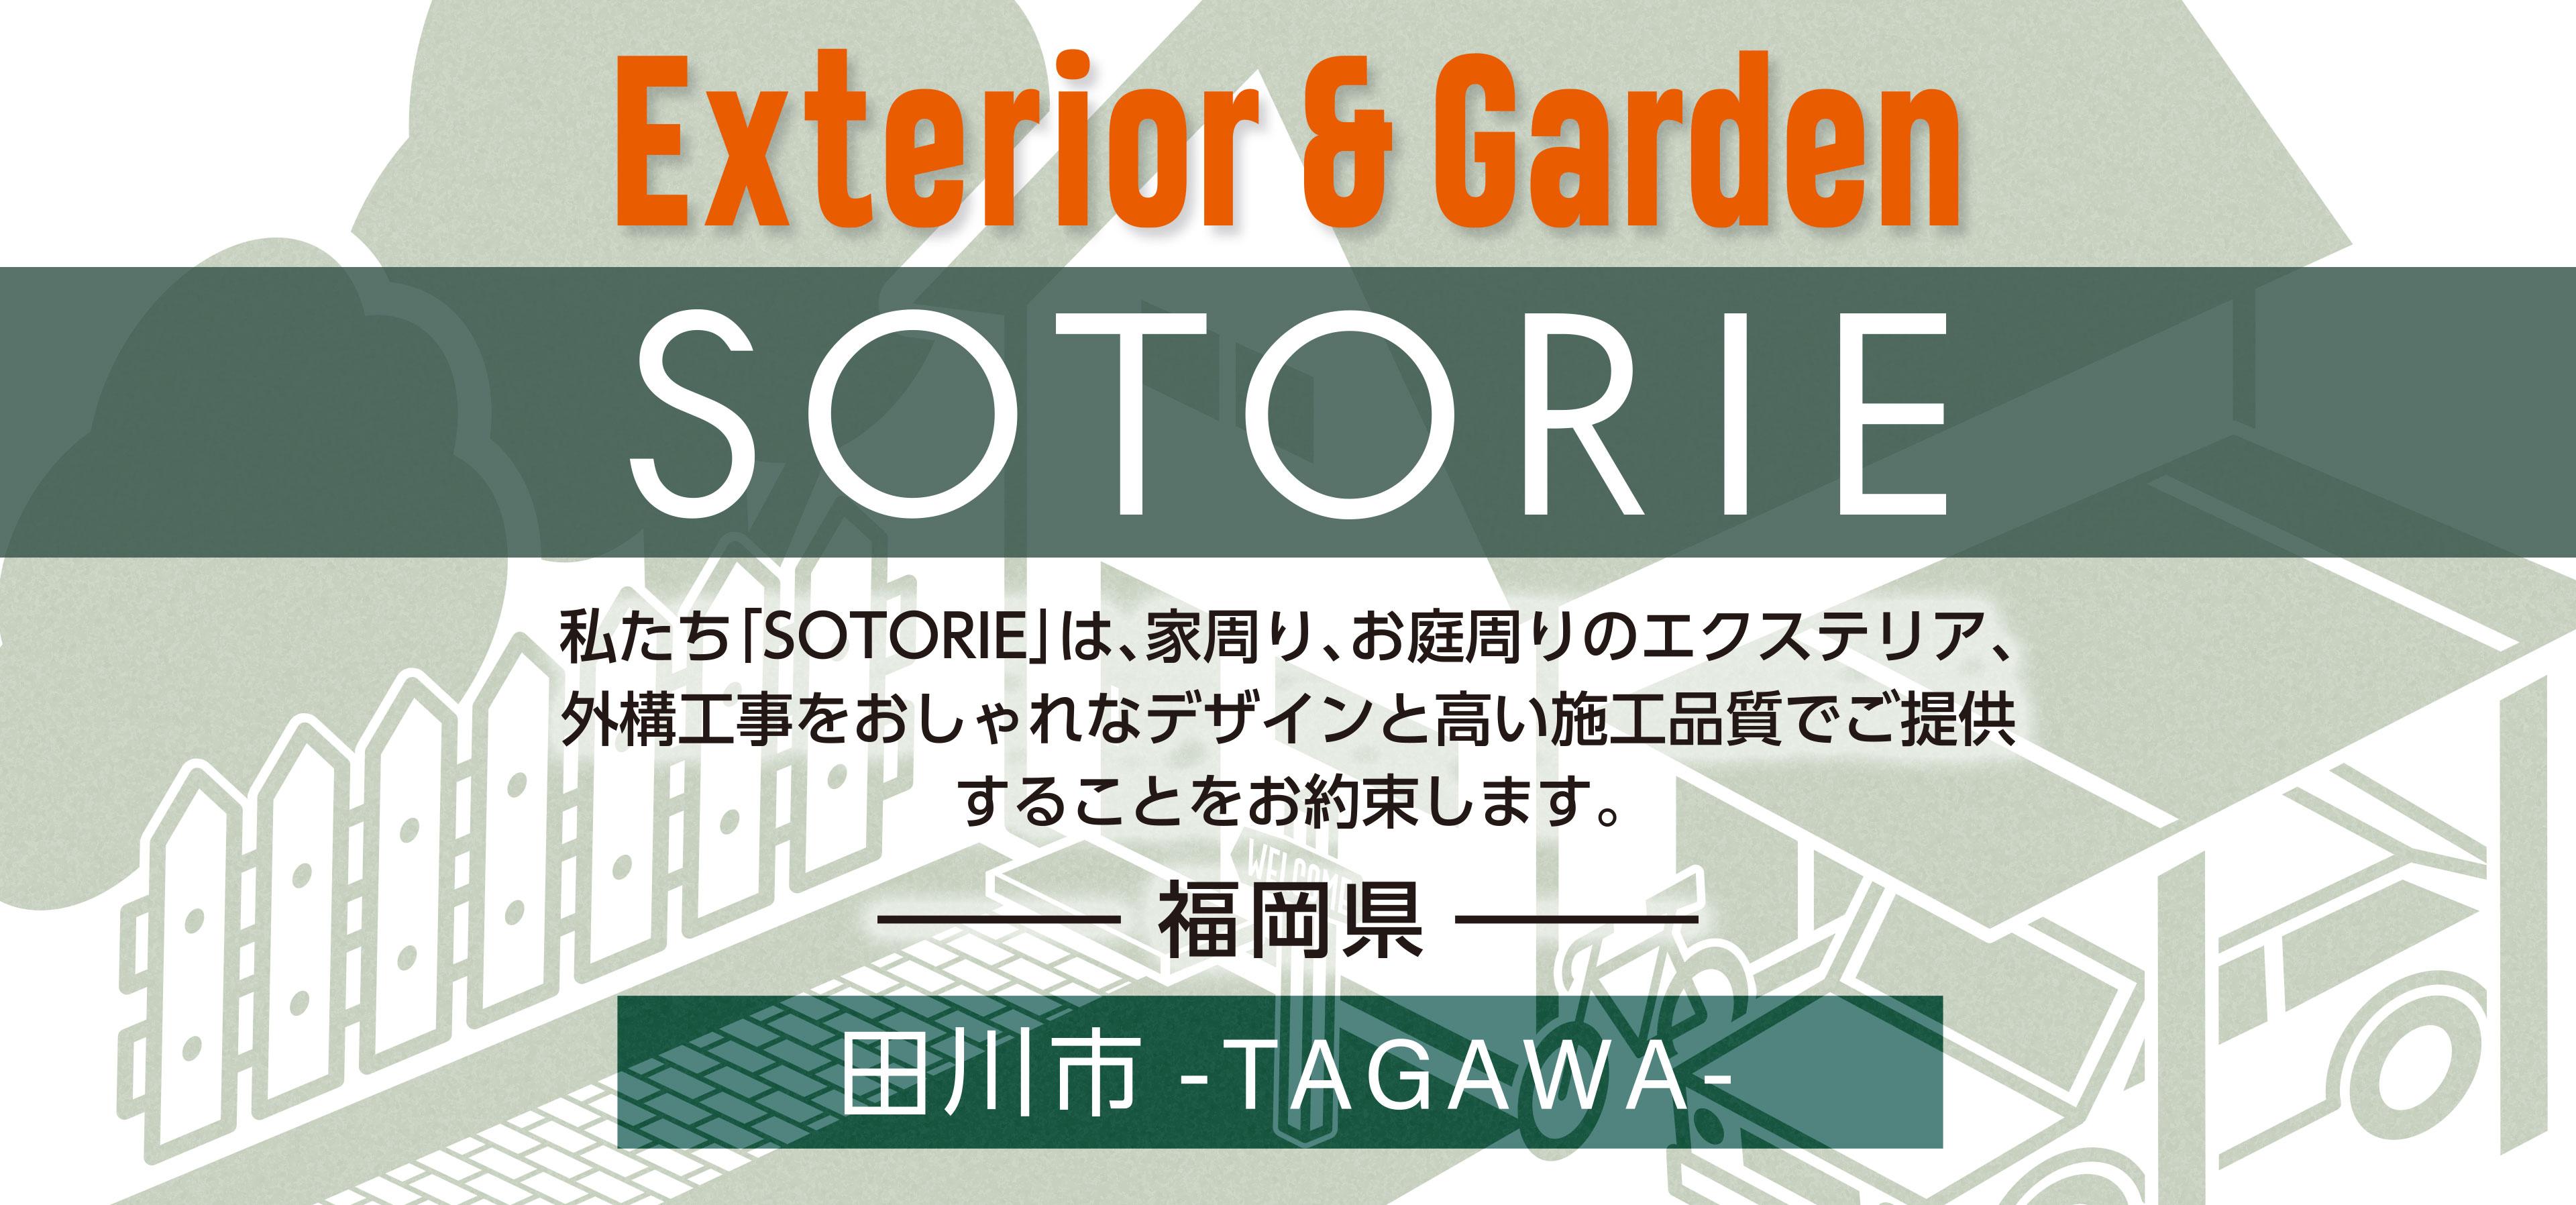 ソトリエ田川市では、家周りと庭周りの外構、エクステリア工事をおしゃれなデザインと高い施工品質でご提供することをお約束します。